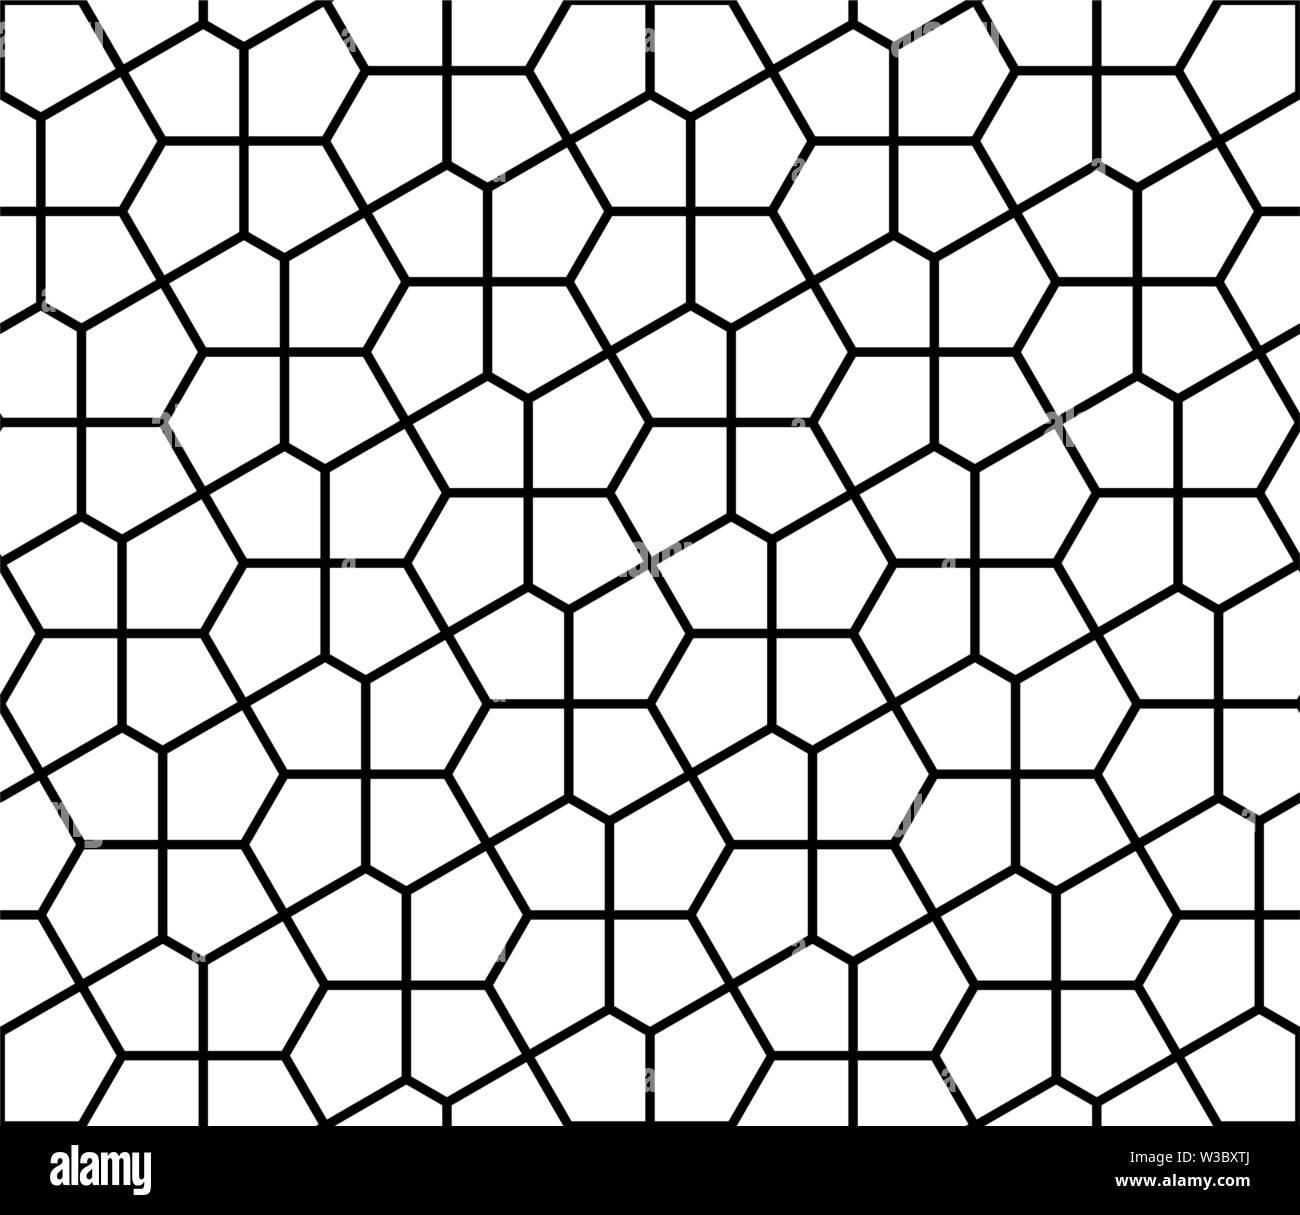 Nahtlose geometrische Verzierung auf traditionelle arabische Kunst. muslimischen Mosaik. Schwarze und Weiße Linien. Tolles Design für Stoff-, Textil-, Abdeckung, Geschenkpapier, Stockbild